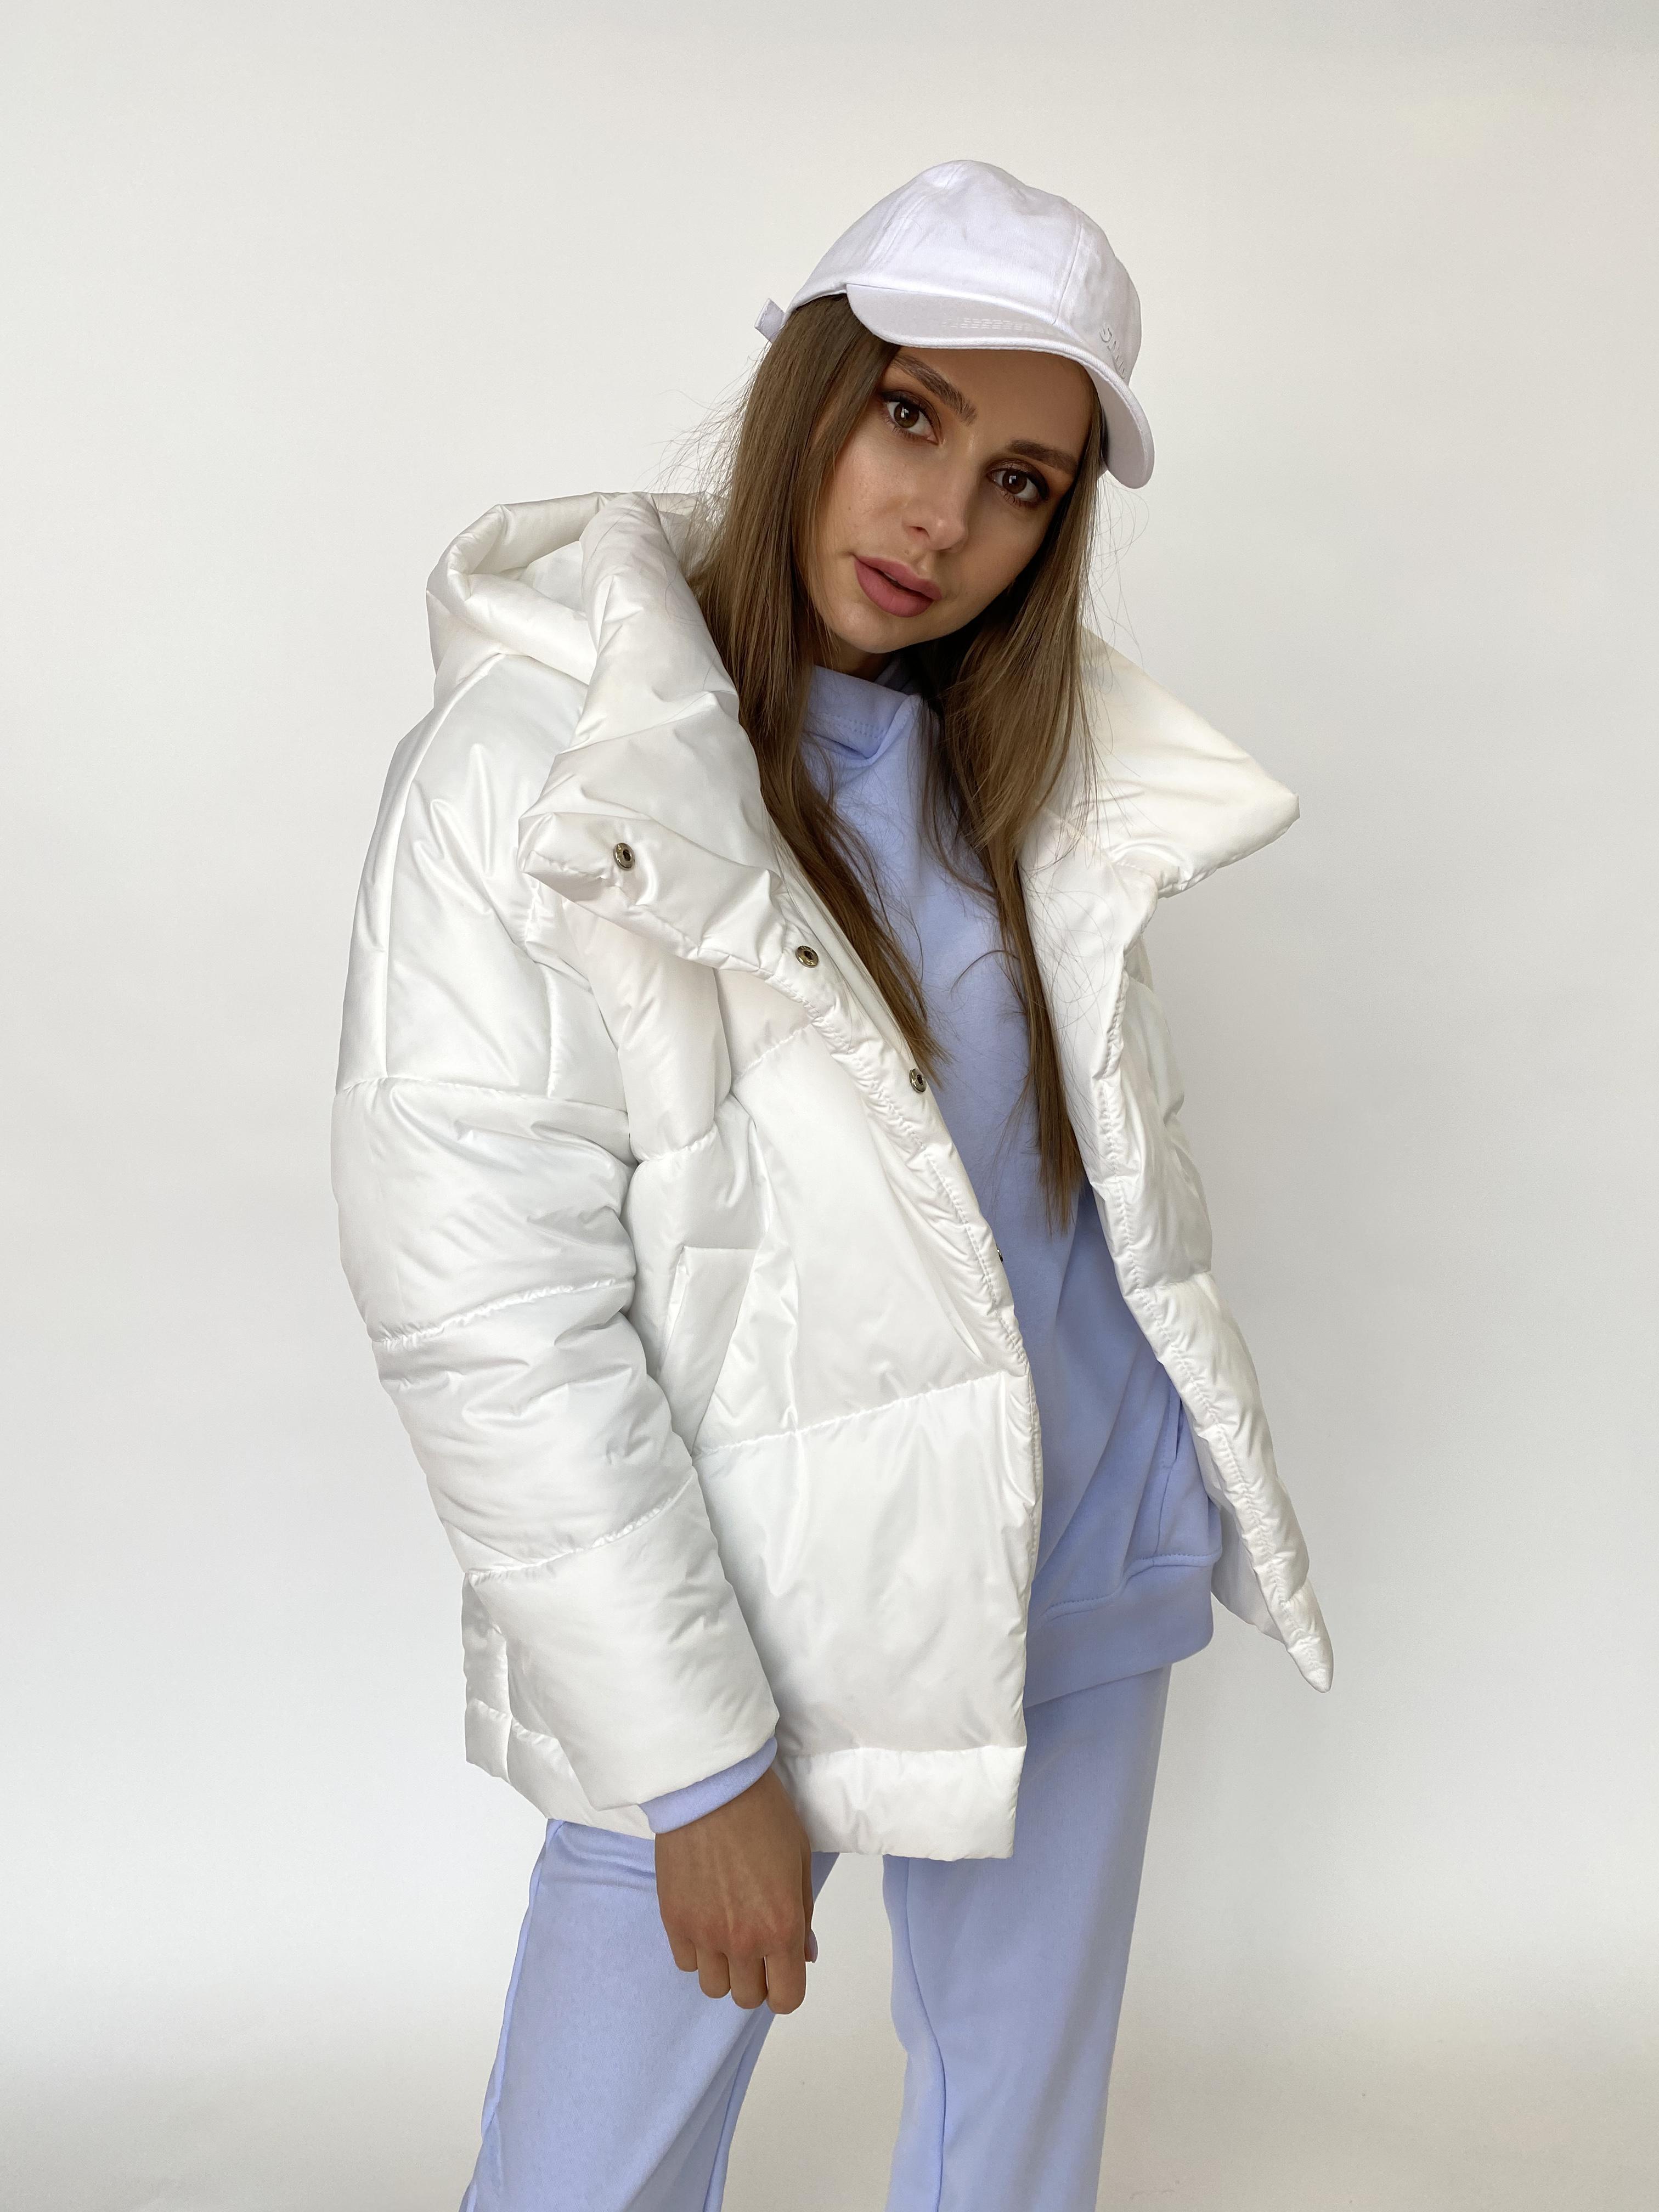 Уно куртка плащевка Ammy 10671 АРТ. 47395 Цвет: Молоко - фото 6, интернет магазин tm-modus.ru